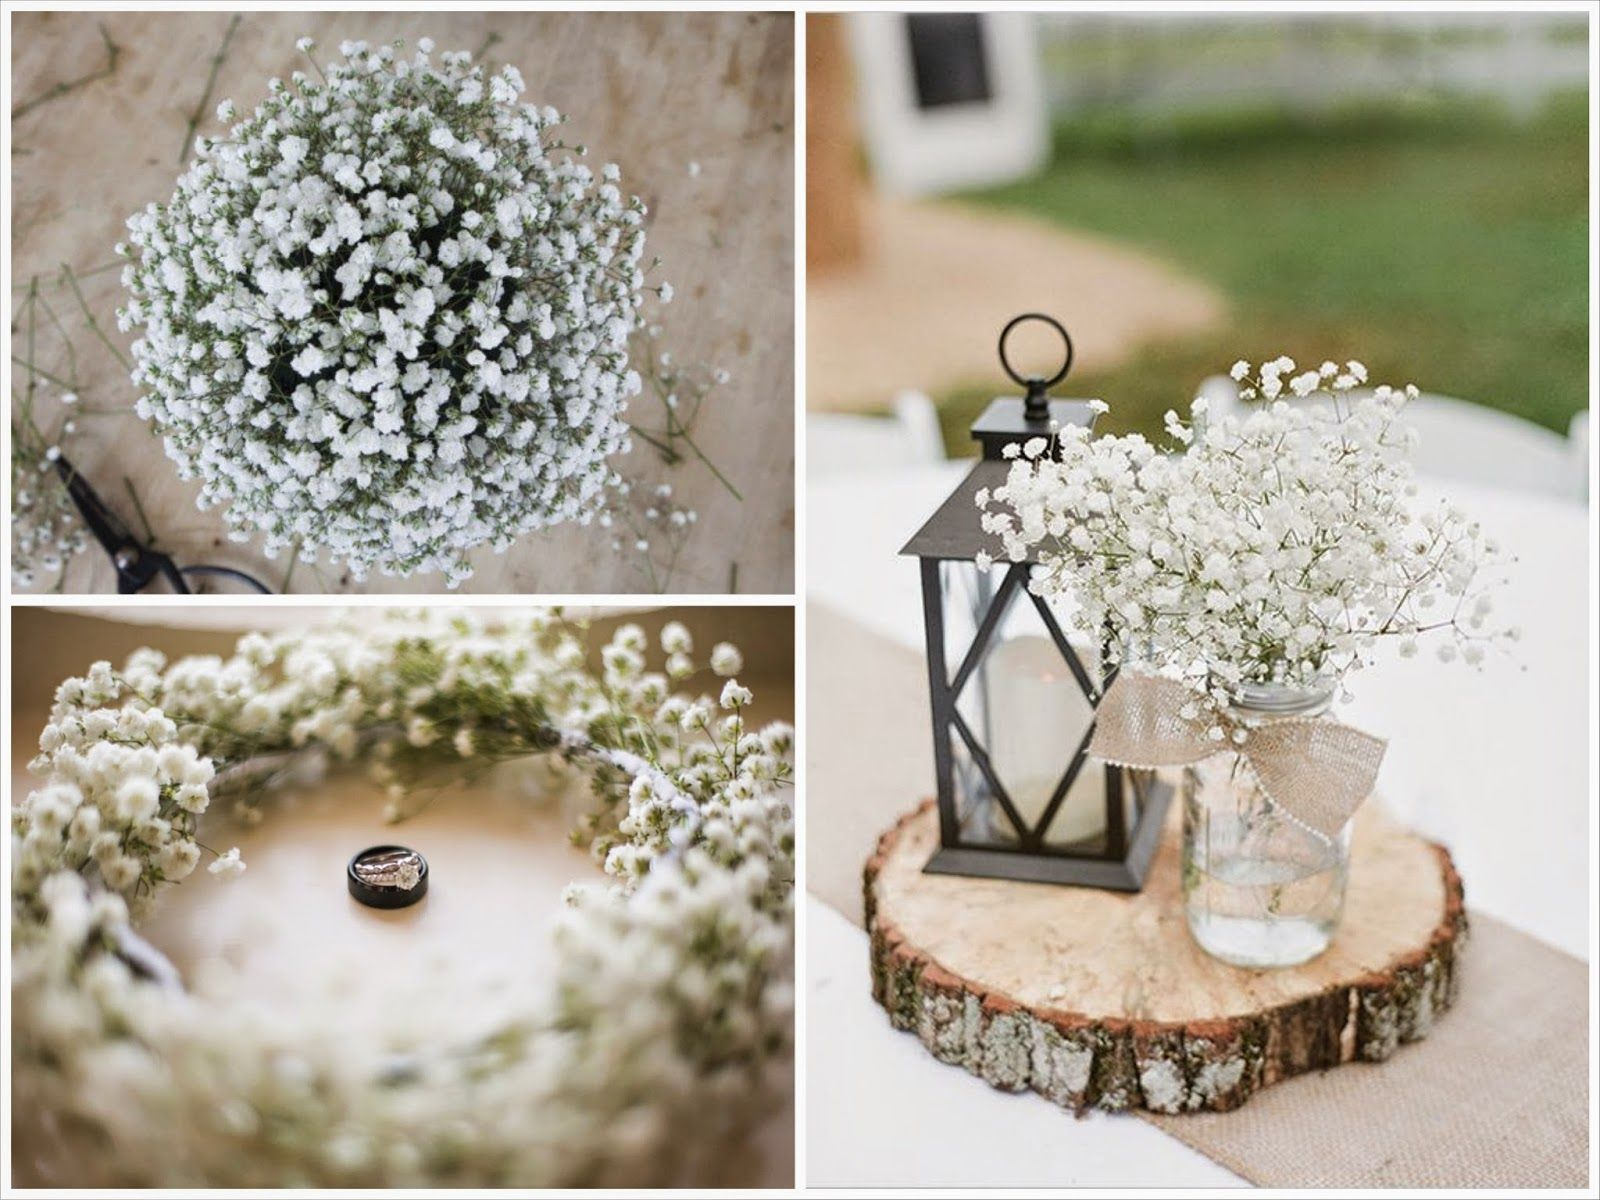 Decoraci n de boda con paniculata centros de mesa flores - Mesa de navidad elegante ...